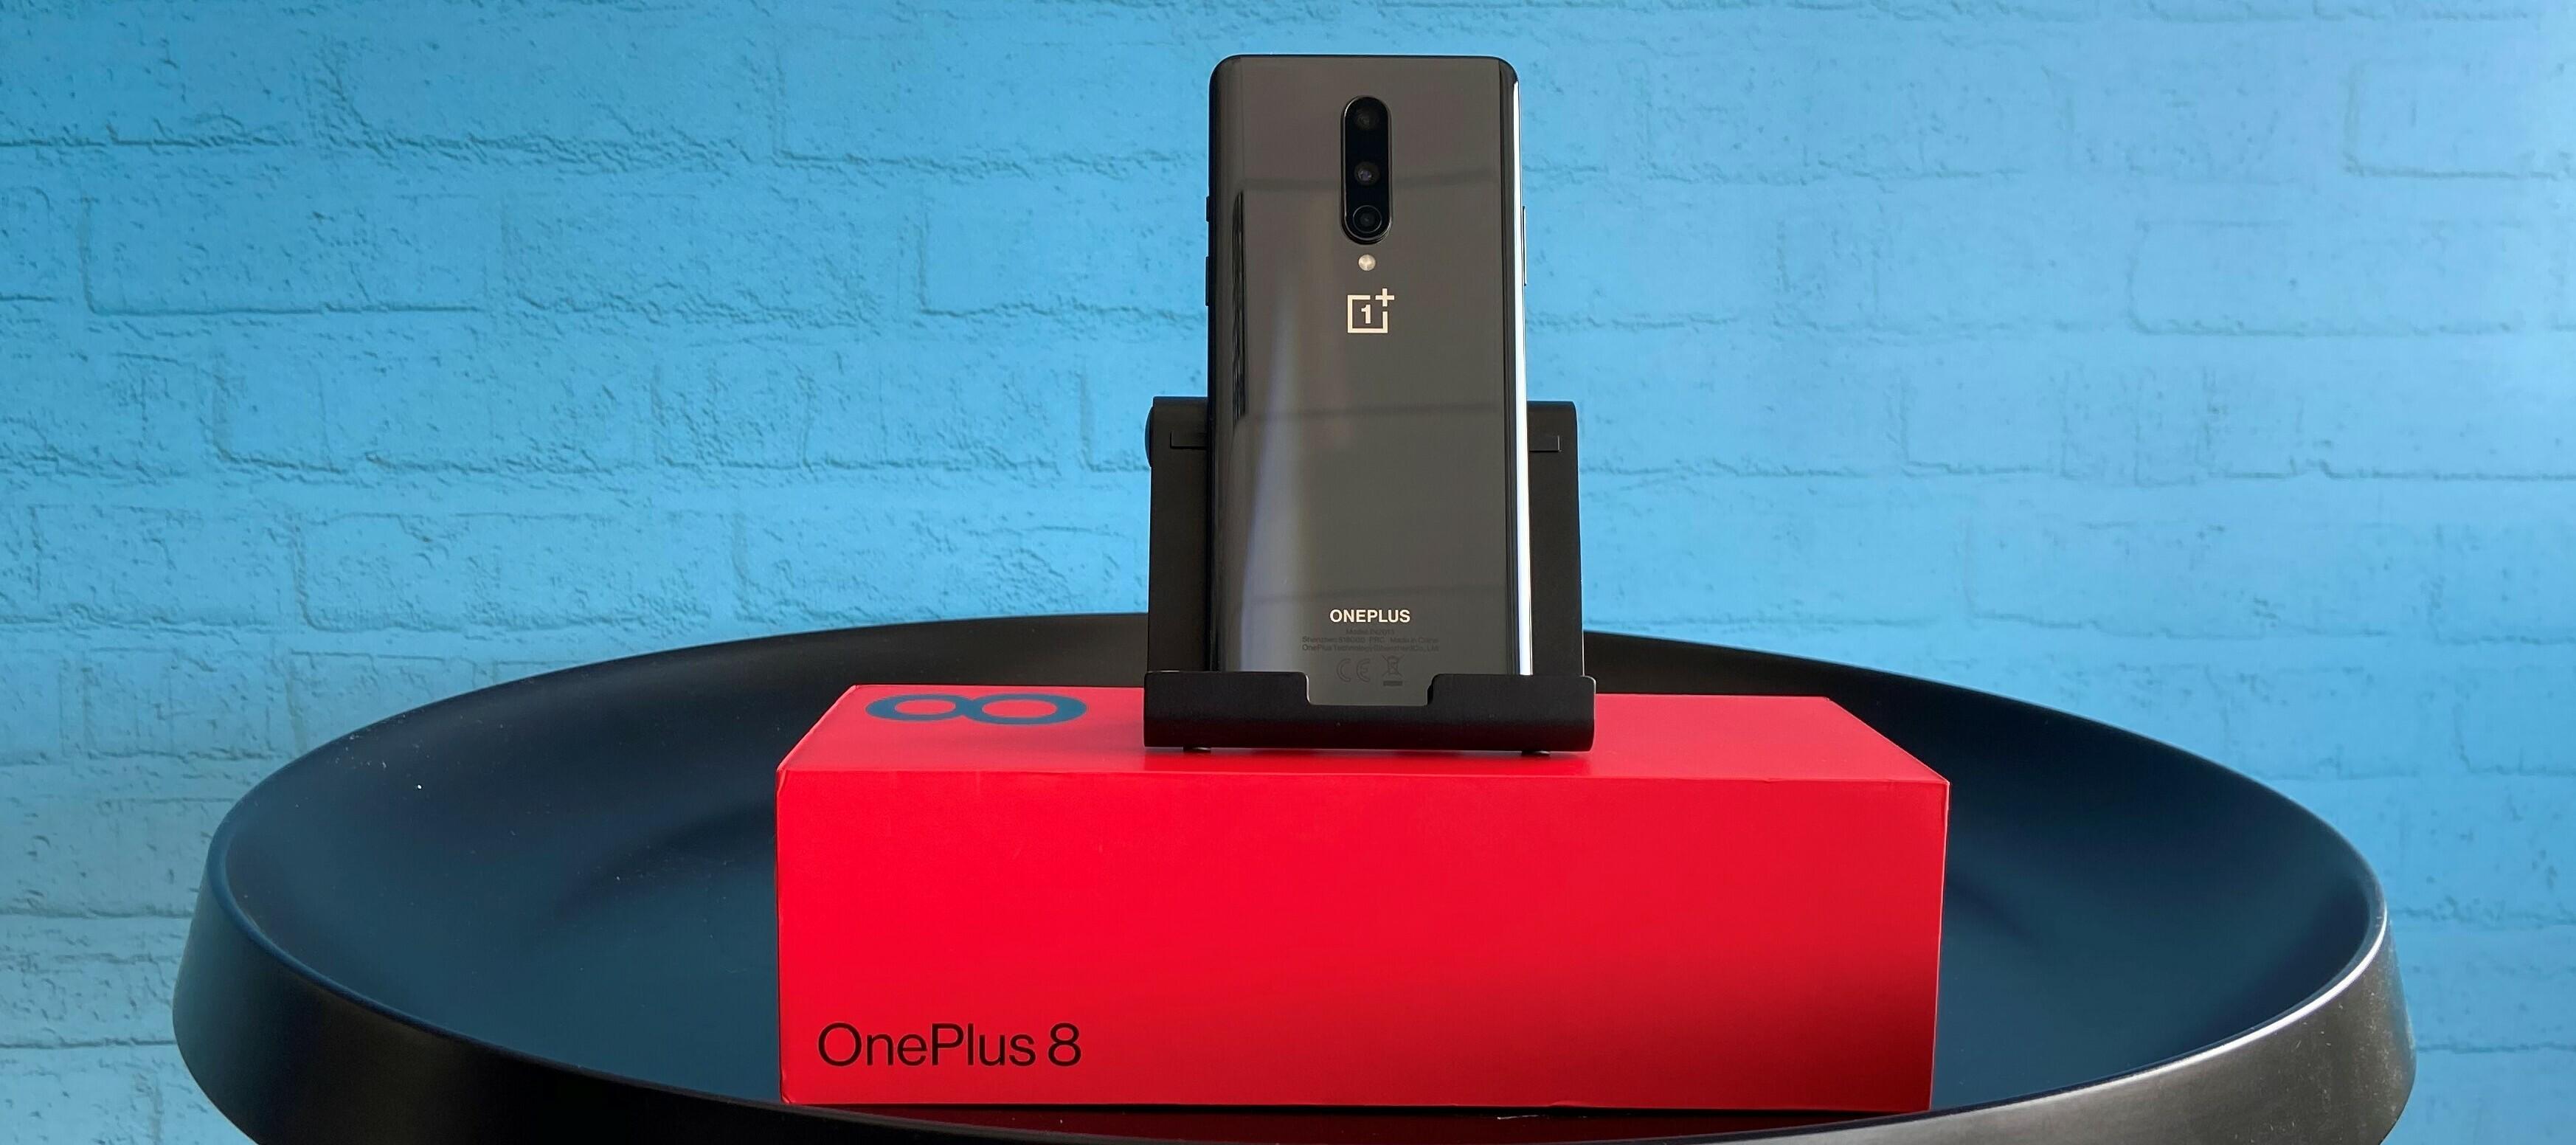 Produkttest gesucht - OnePlus 8 - Jetzt bewerben!